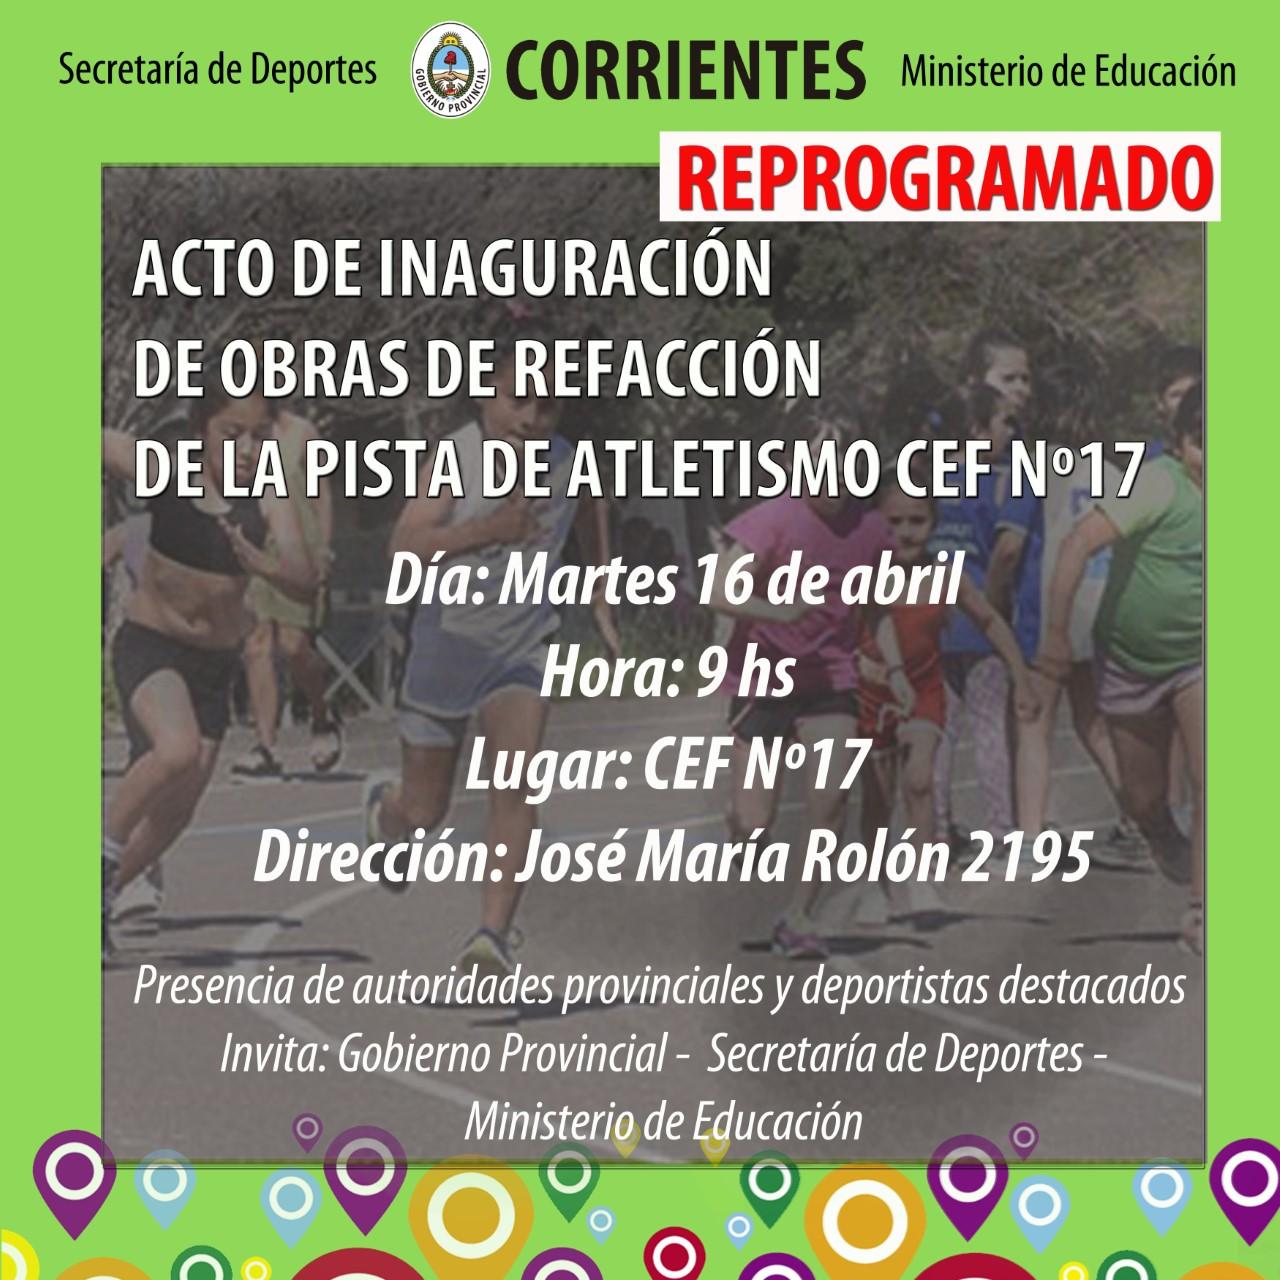 Este martes se inauguran las obras de la pista de atletismo del CEFº 17